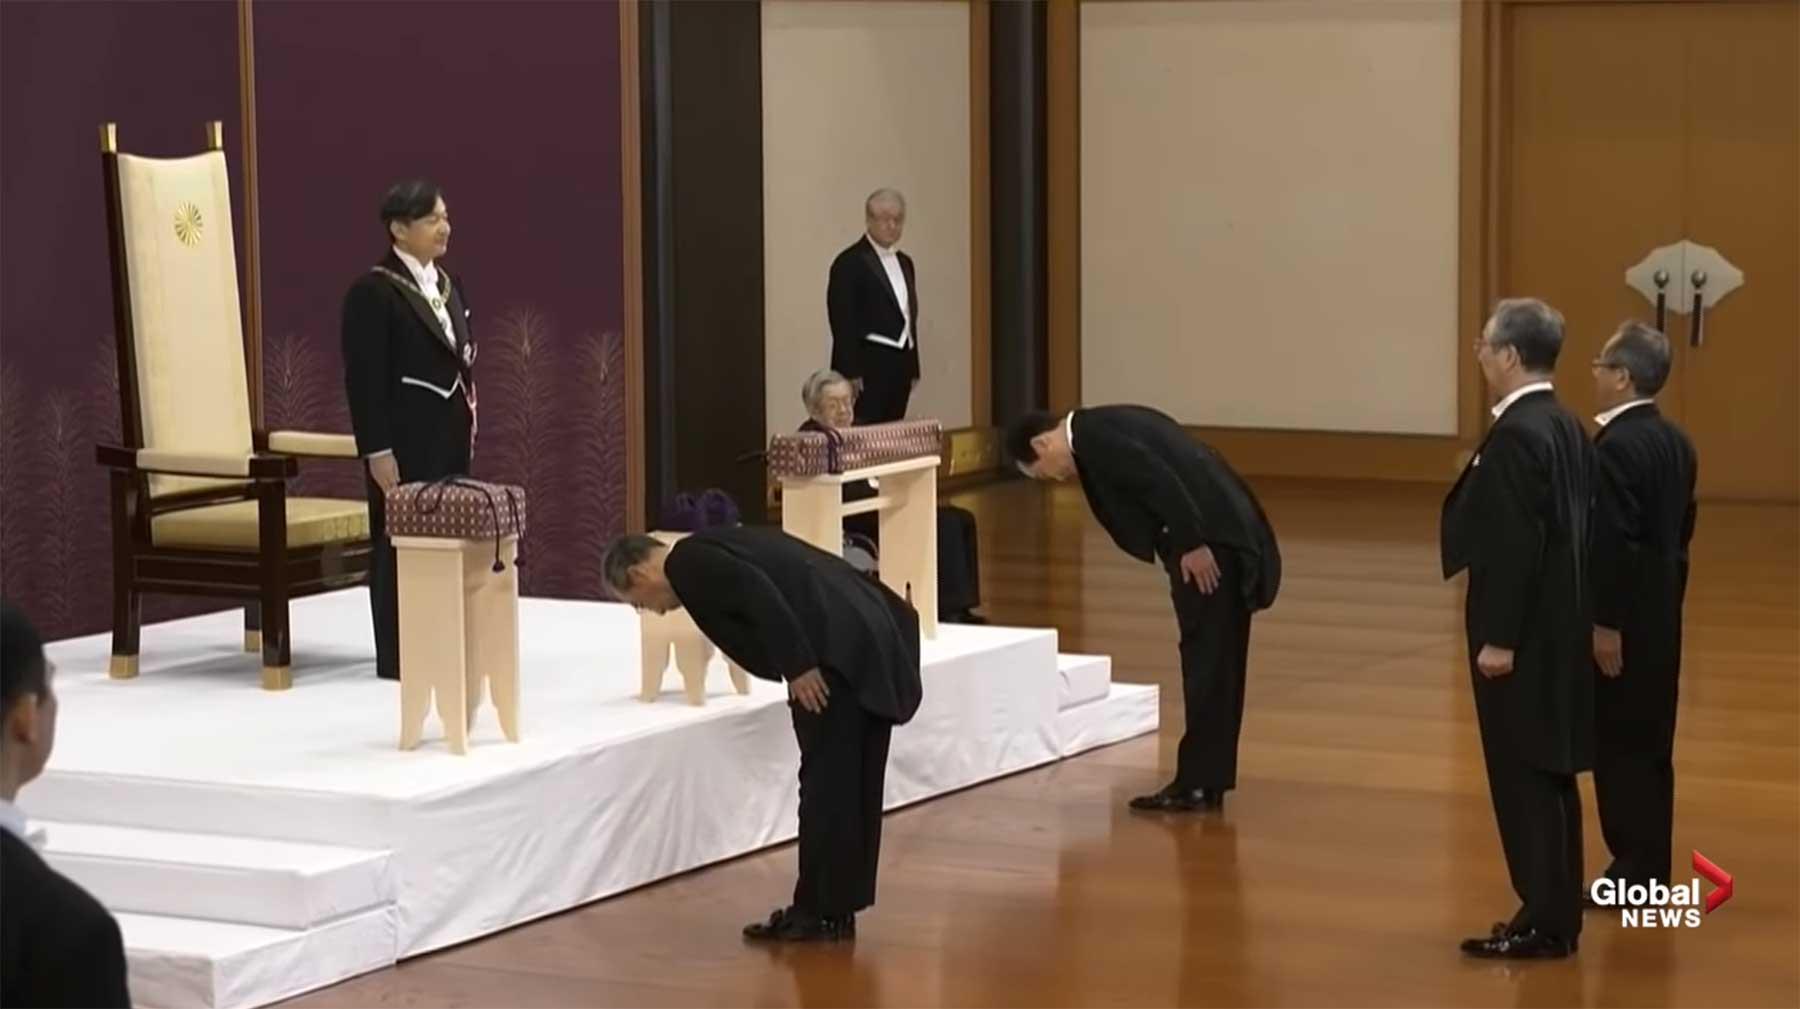 Die Krönung des japanischen Kaisers kommt ohne Worte aus japan-thron-stille